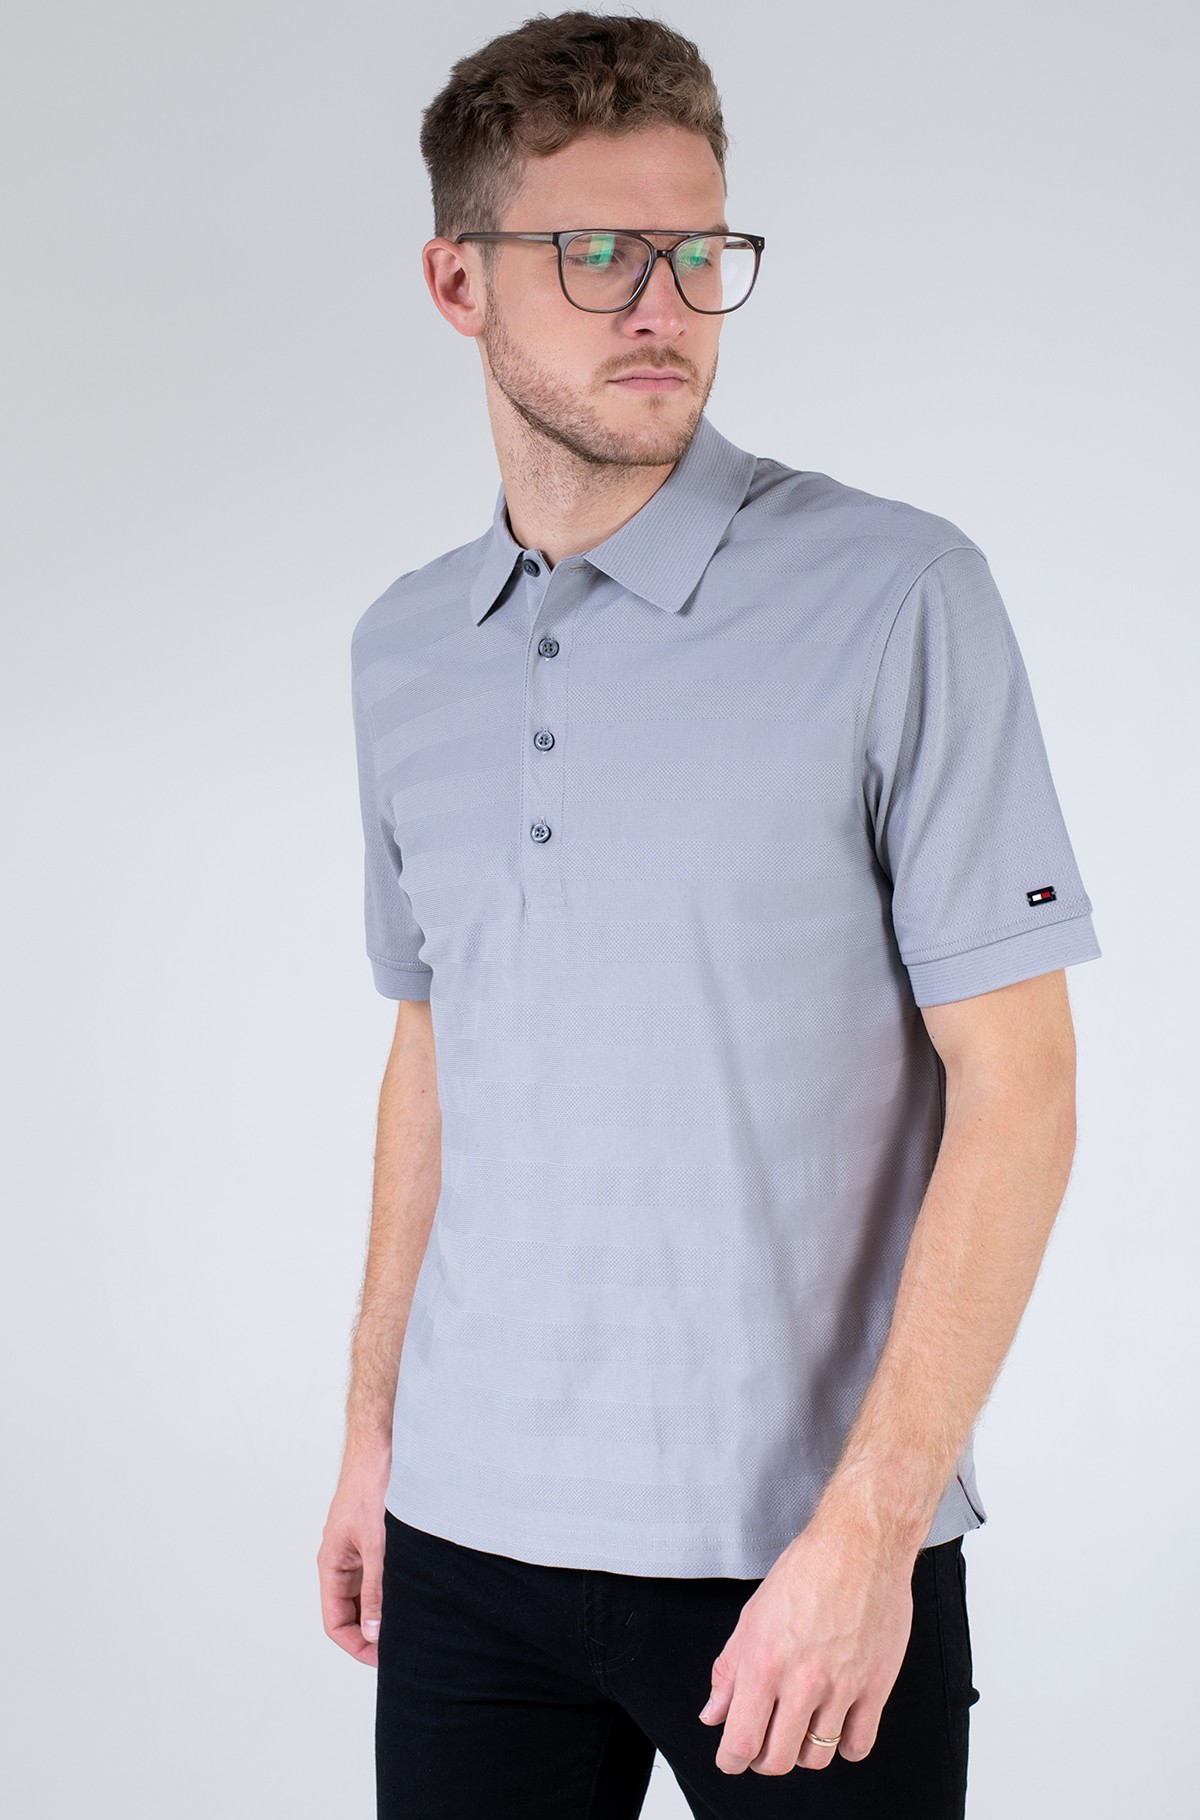 Polo krekls  ELEVATED WARP STRIPE CASUAL POLO-full-1